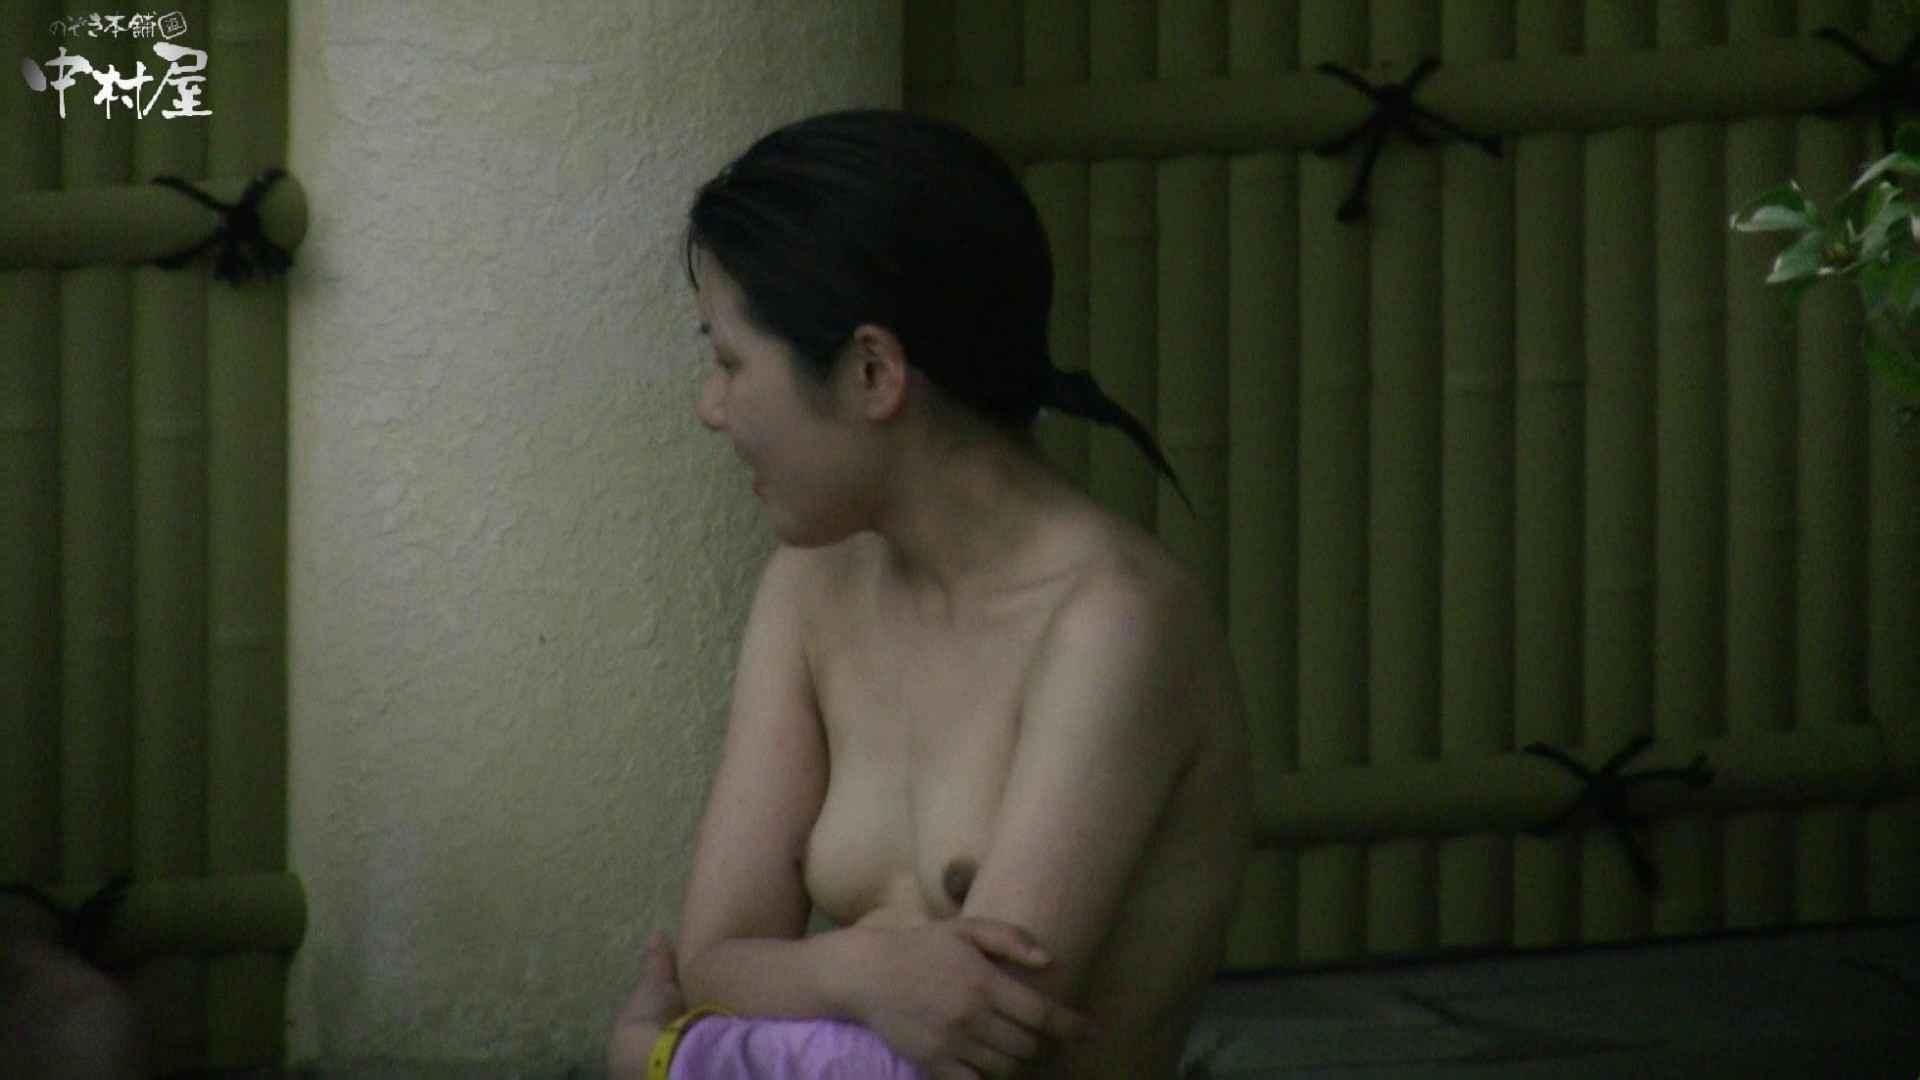 Aquaな露天風呂Vol.983 0   0  78pic 7